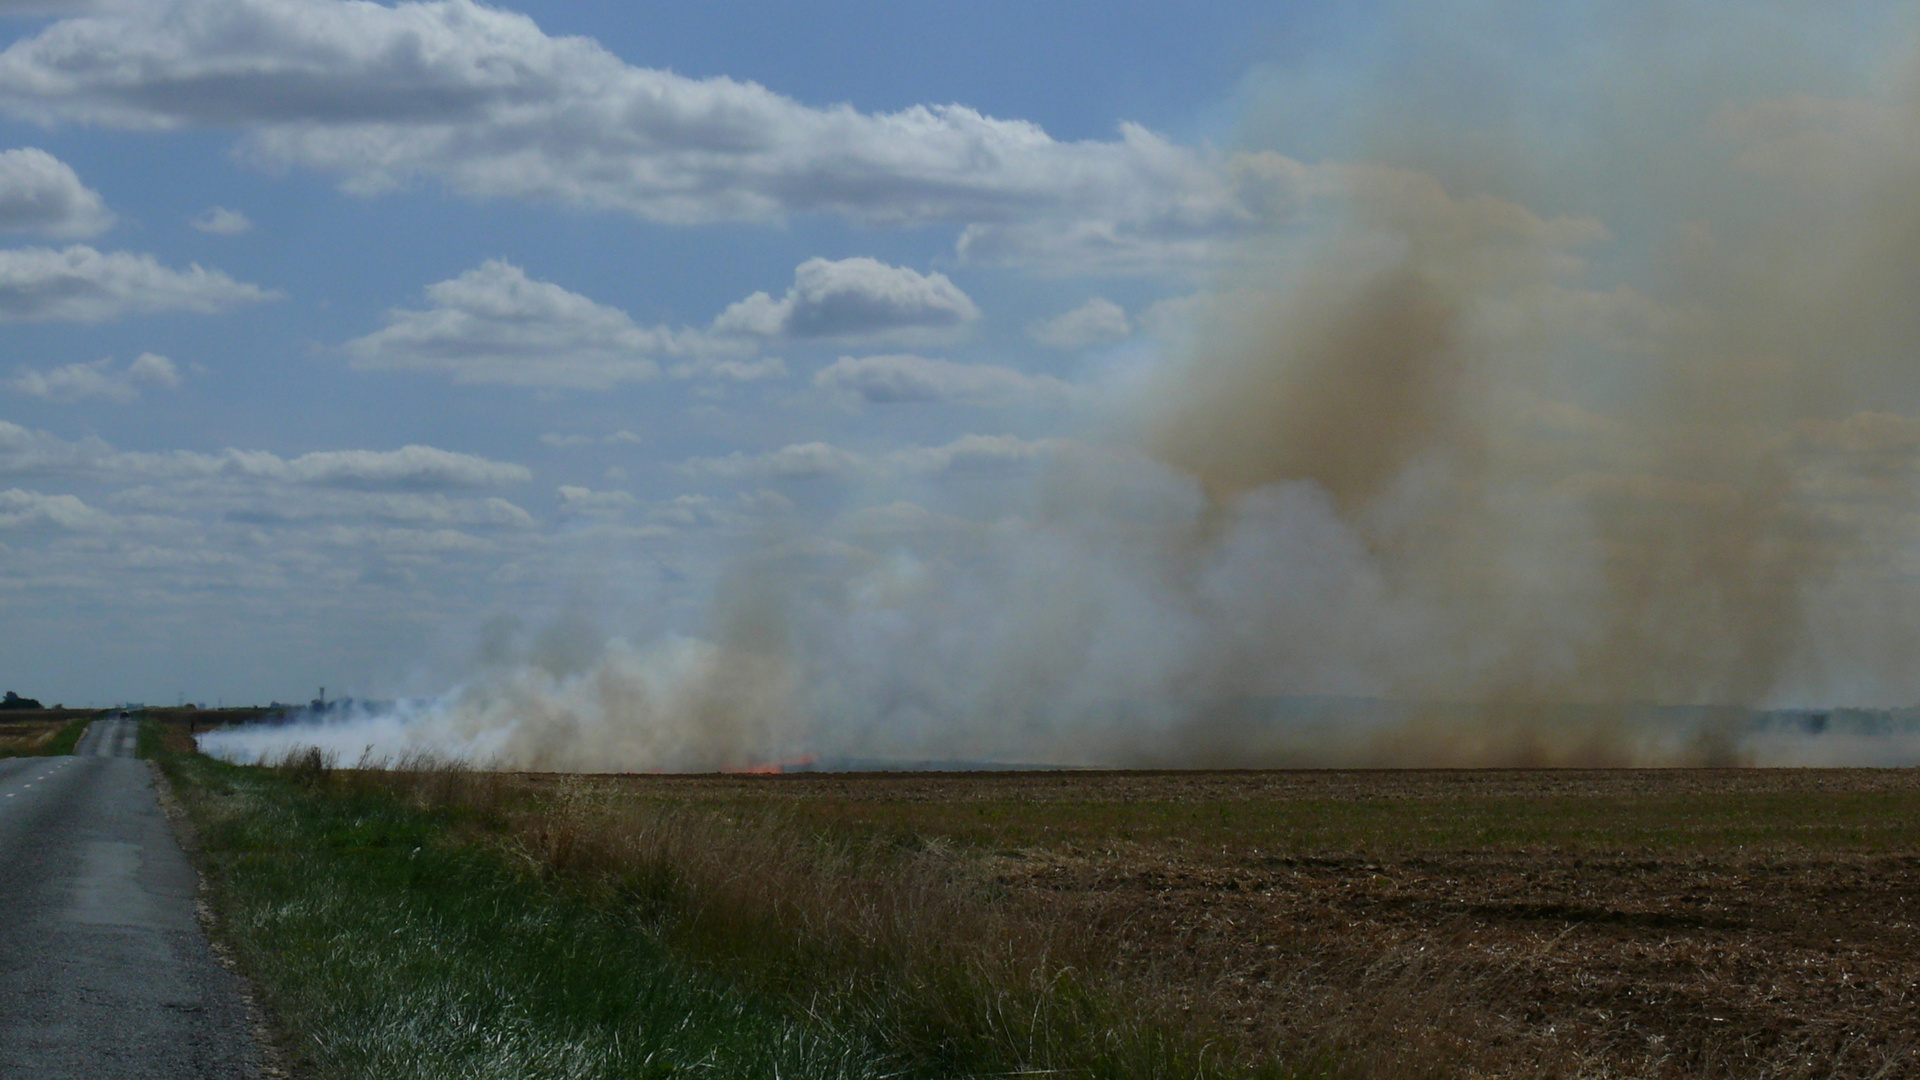 Après la récolte, le brûlage, triste paysage ...